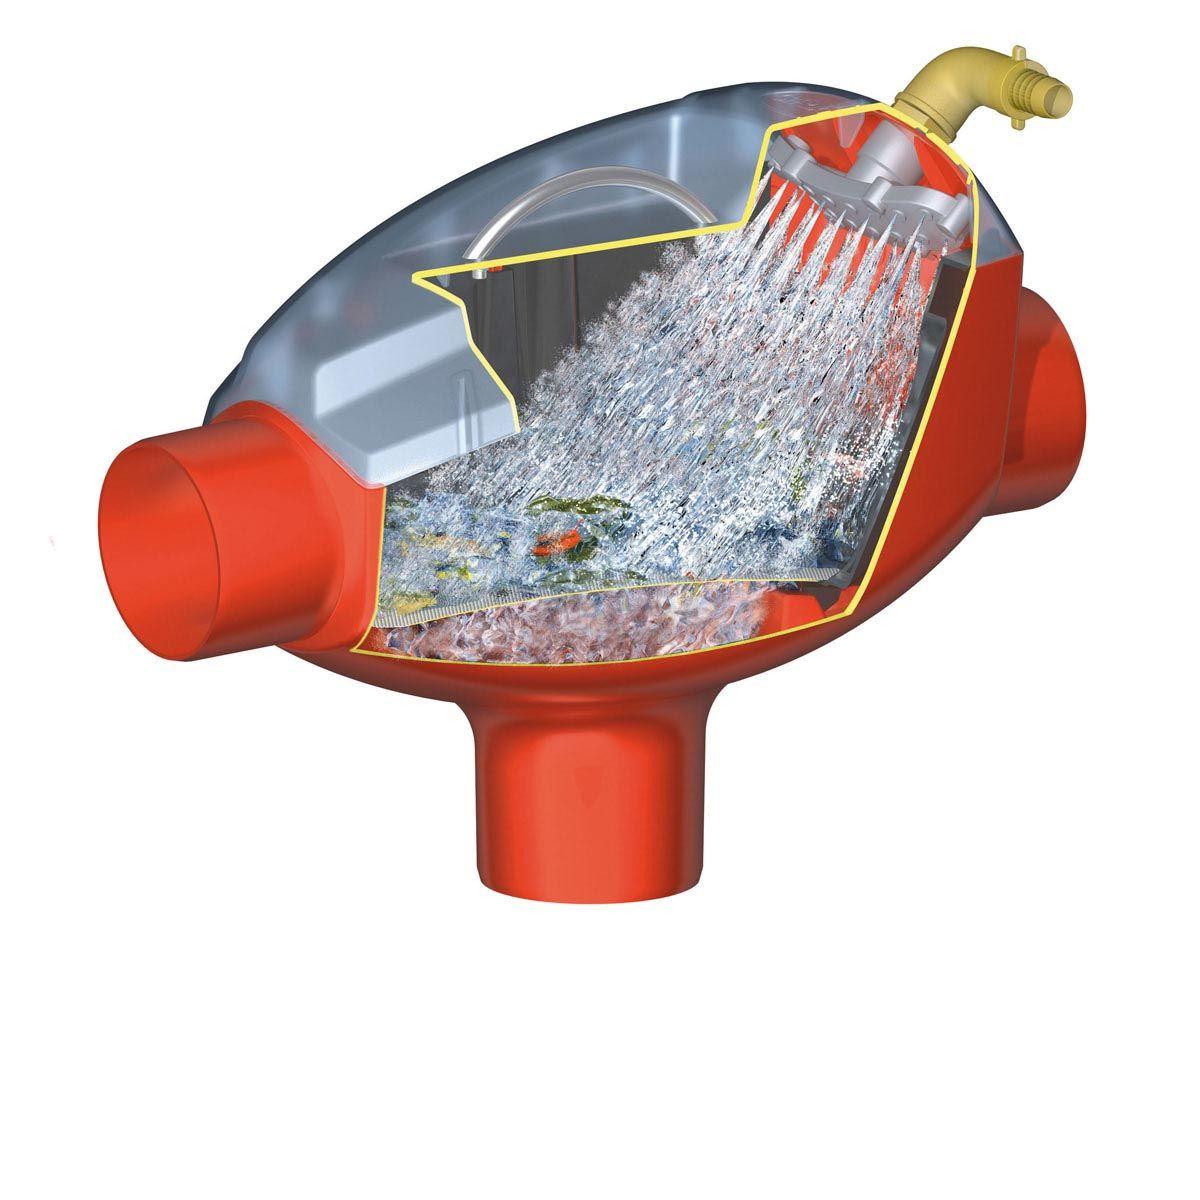 Filtre Minimax-Pro, interne, 500 x 270 x 365 mm